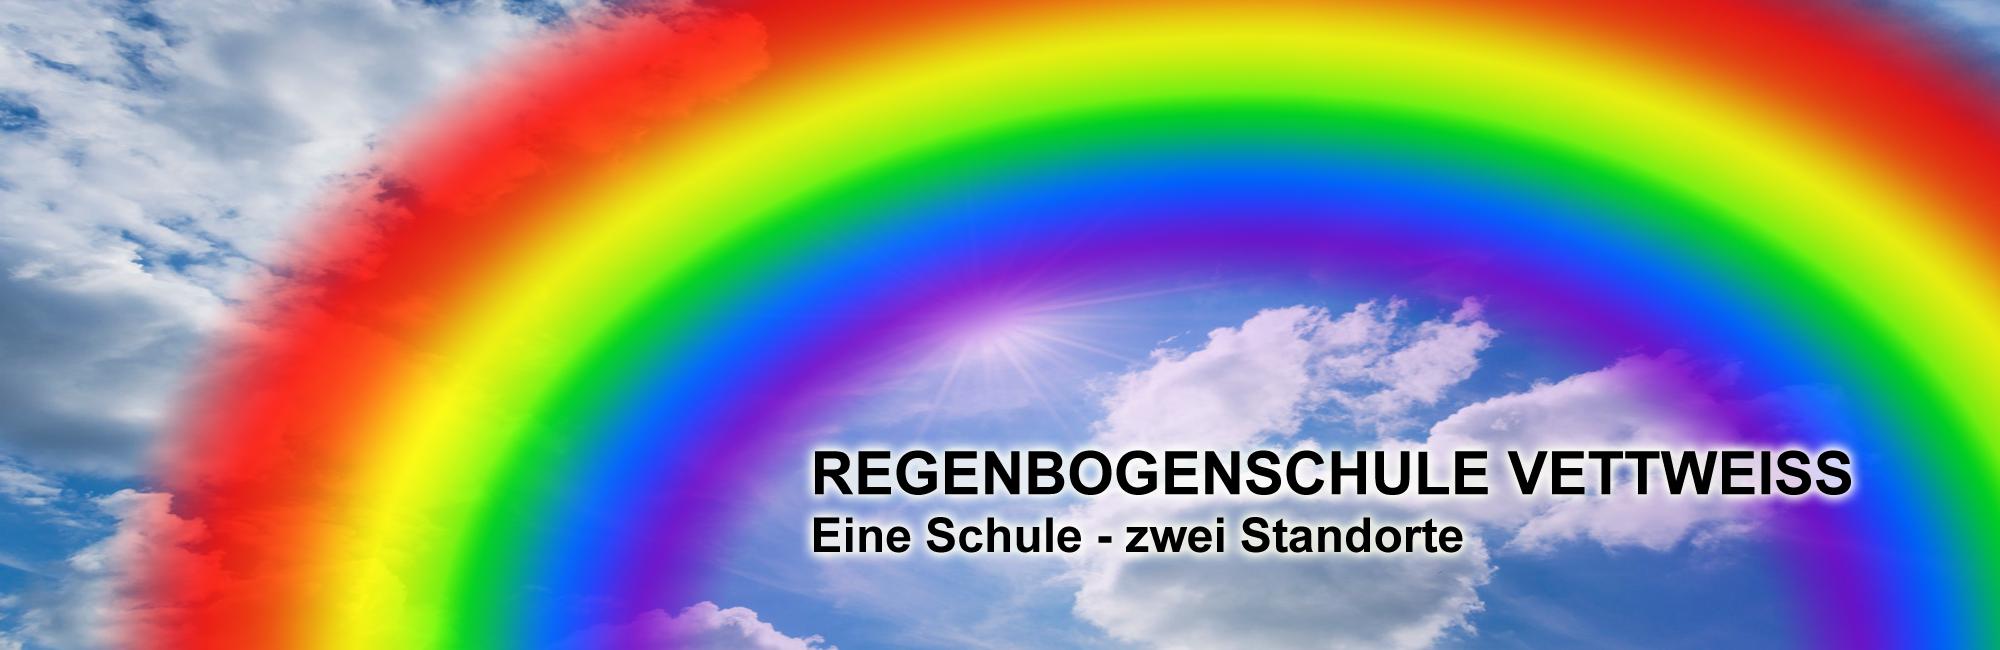 Regenbogenschule Vettweiß